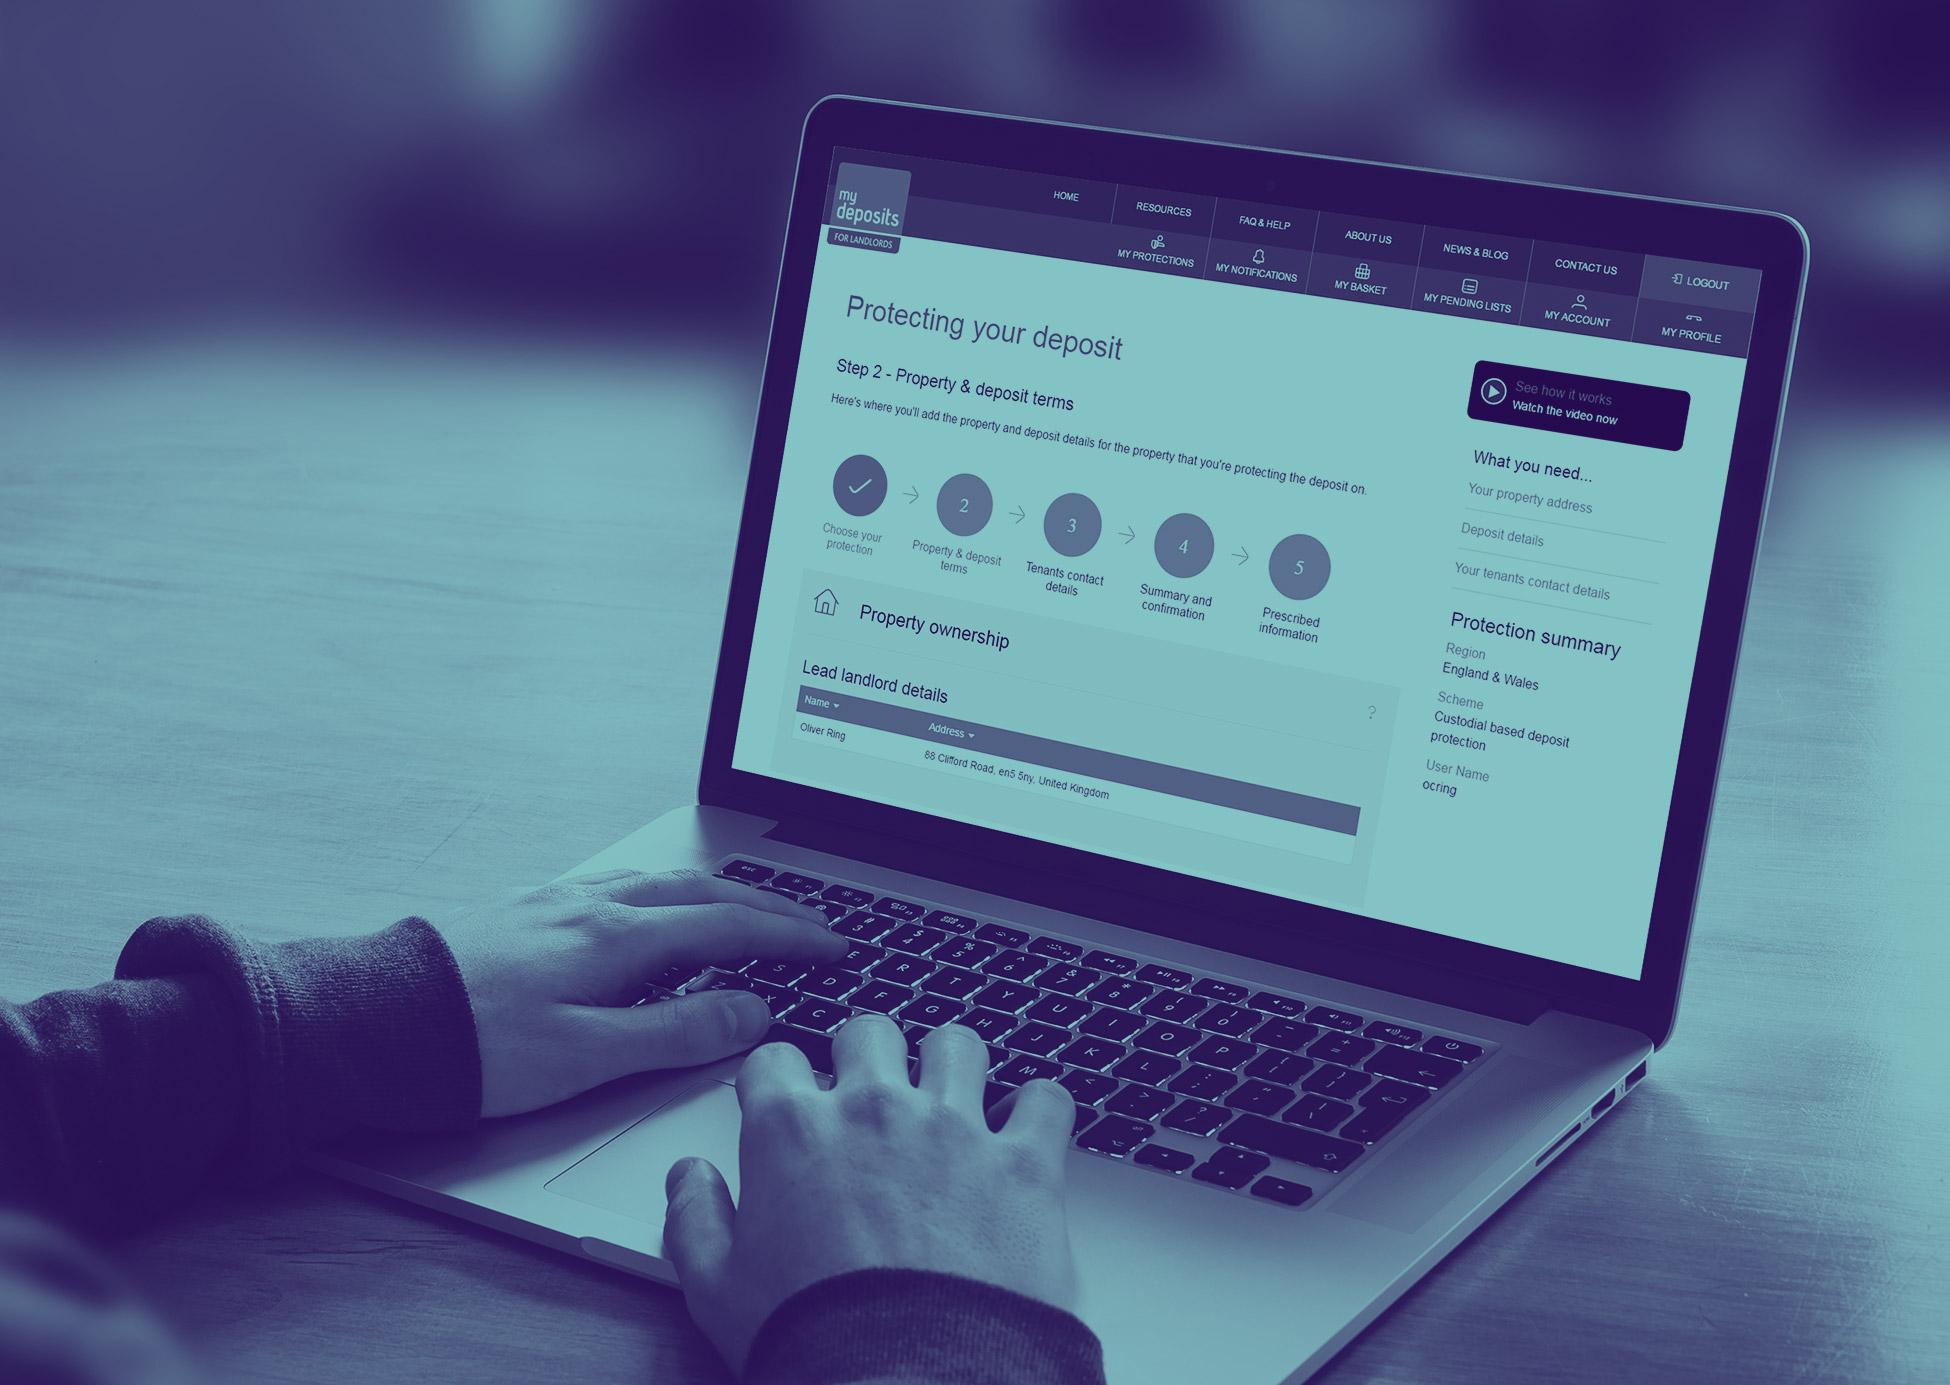 notebook com site de descontos aberto, mostrando que para um bom reconhecimento de marca, a logo deve estar no canto superior esquerdo